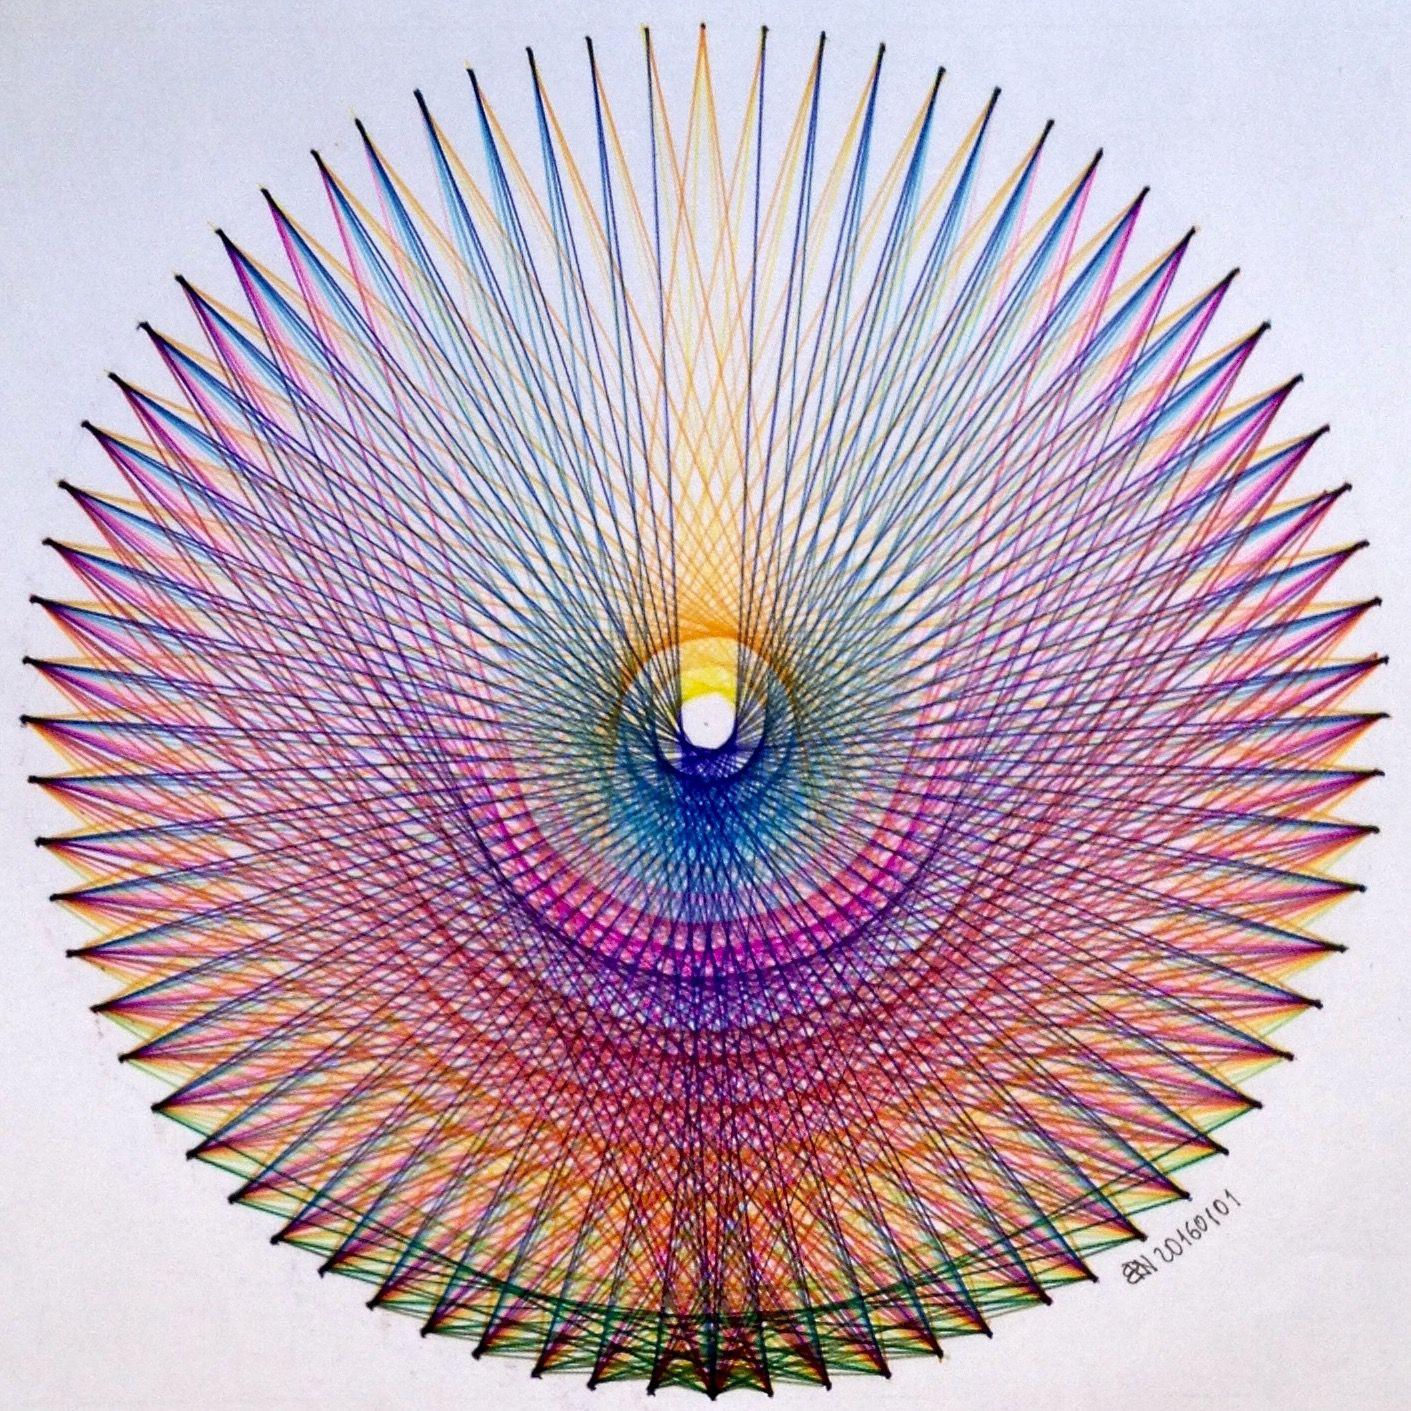 #regolo54 #geometry #symmetry #mathart #artorart